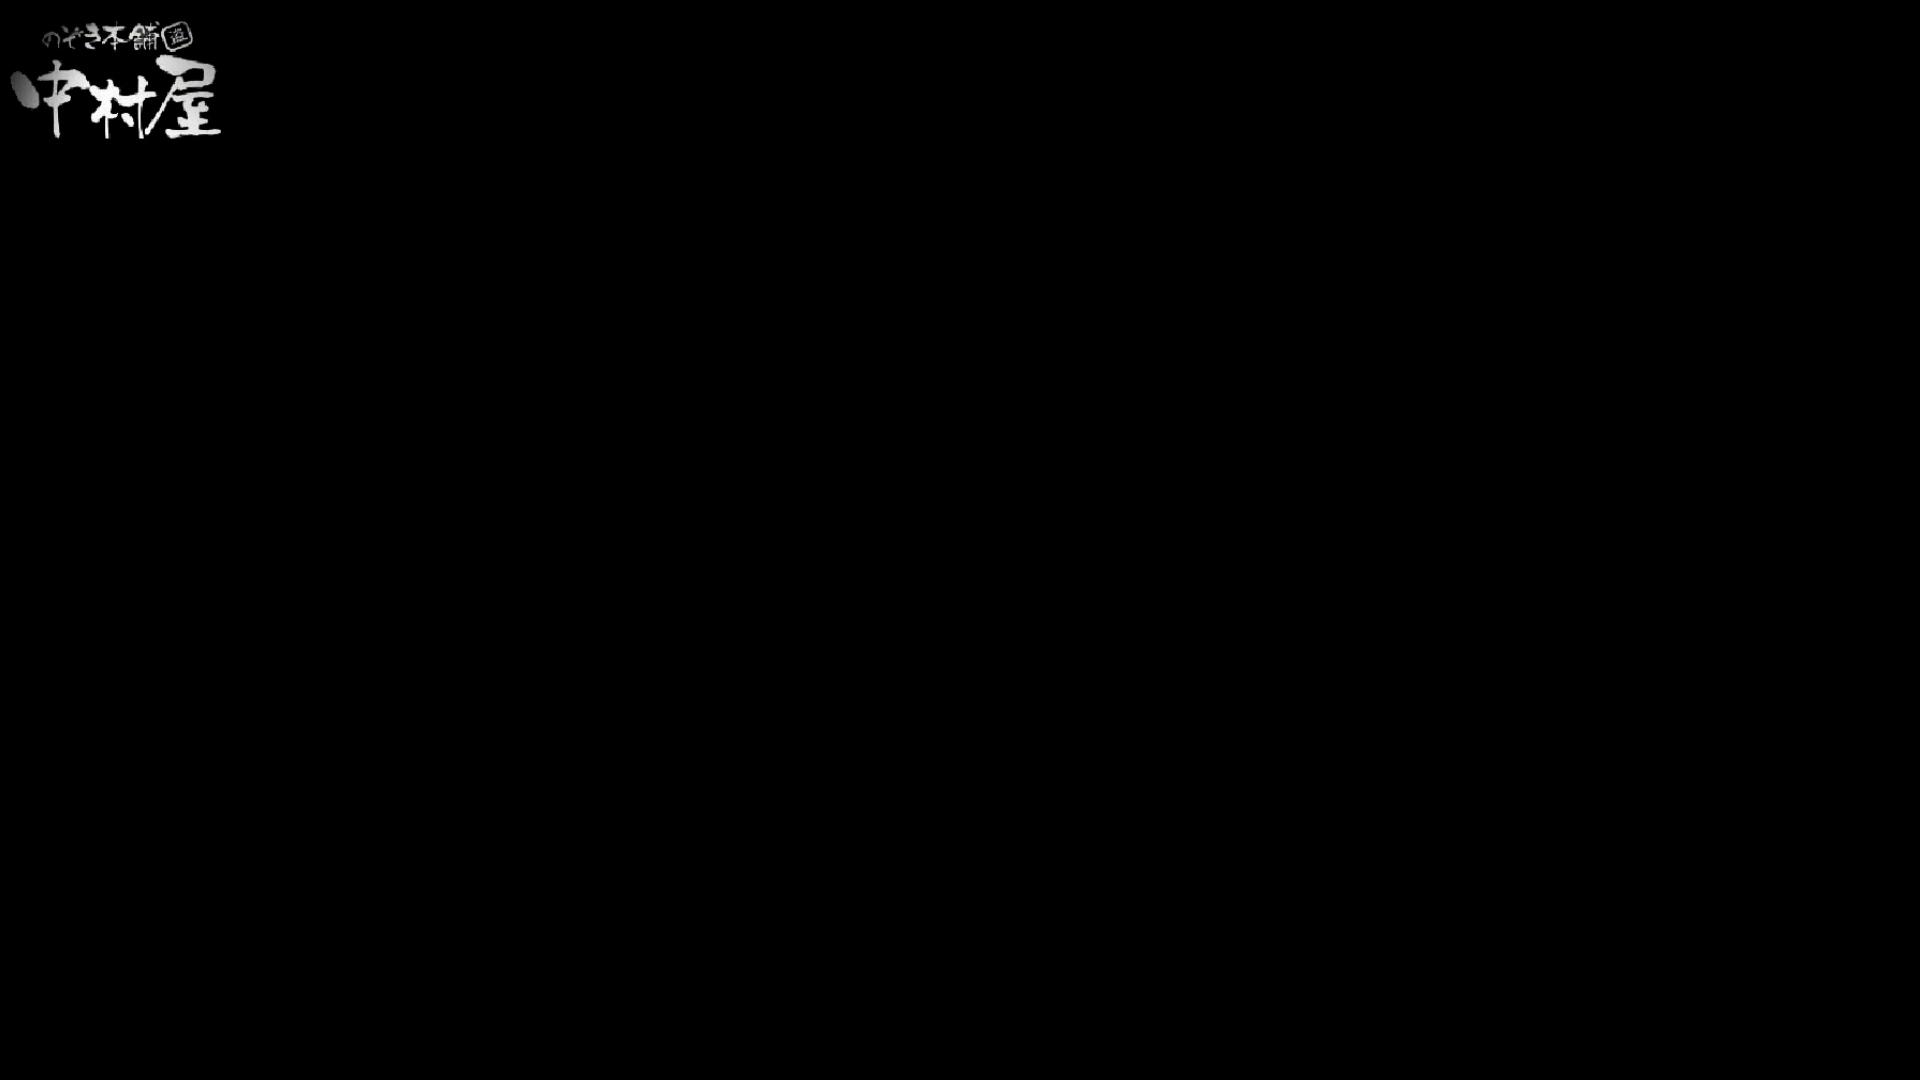 雅さんが厳選新年特別コンテンツ!激走!東京マラソン選手専用女子トイレvol.9 排泄編 盗撮画像 105PIX 7